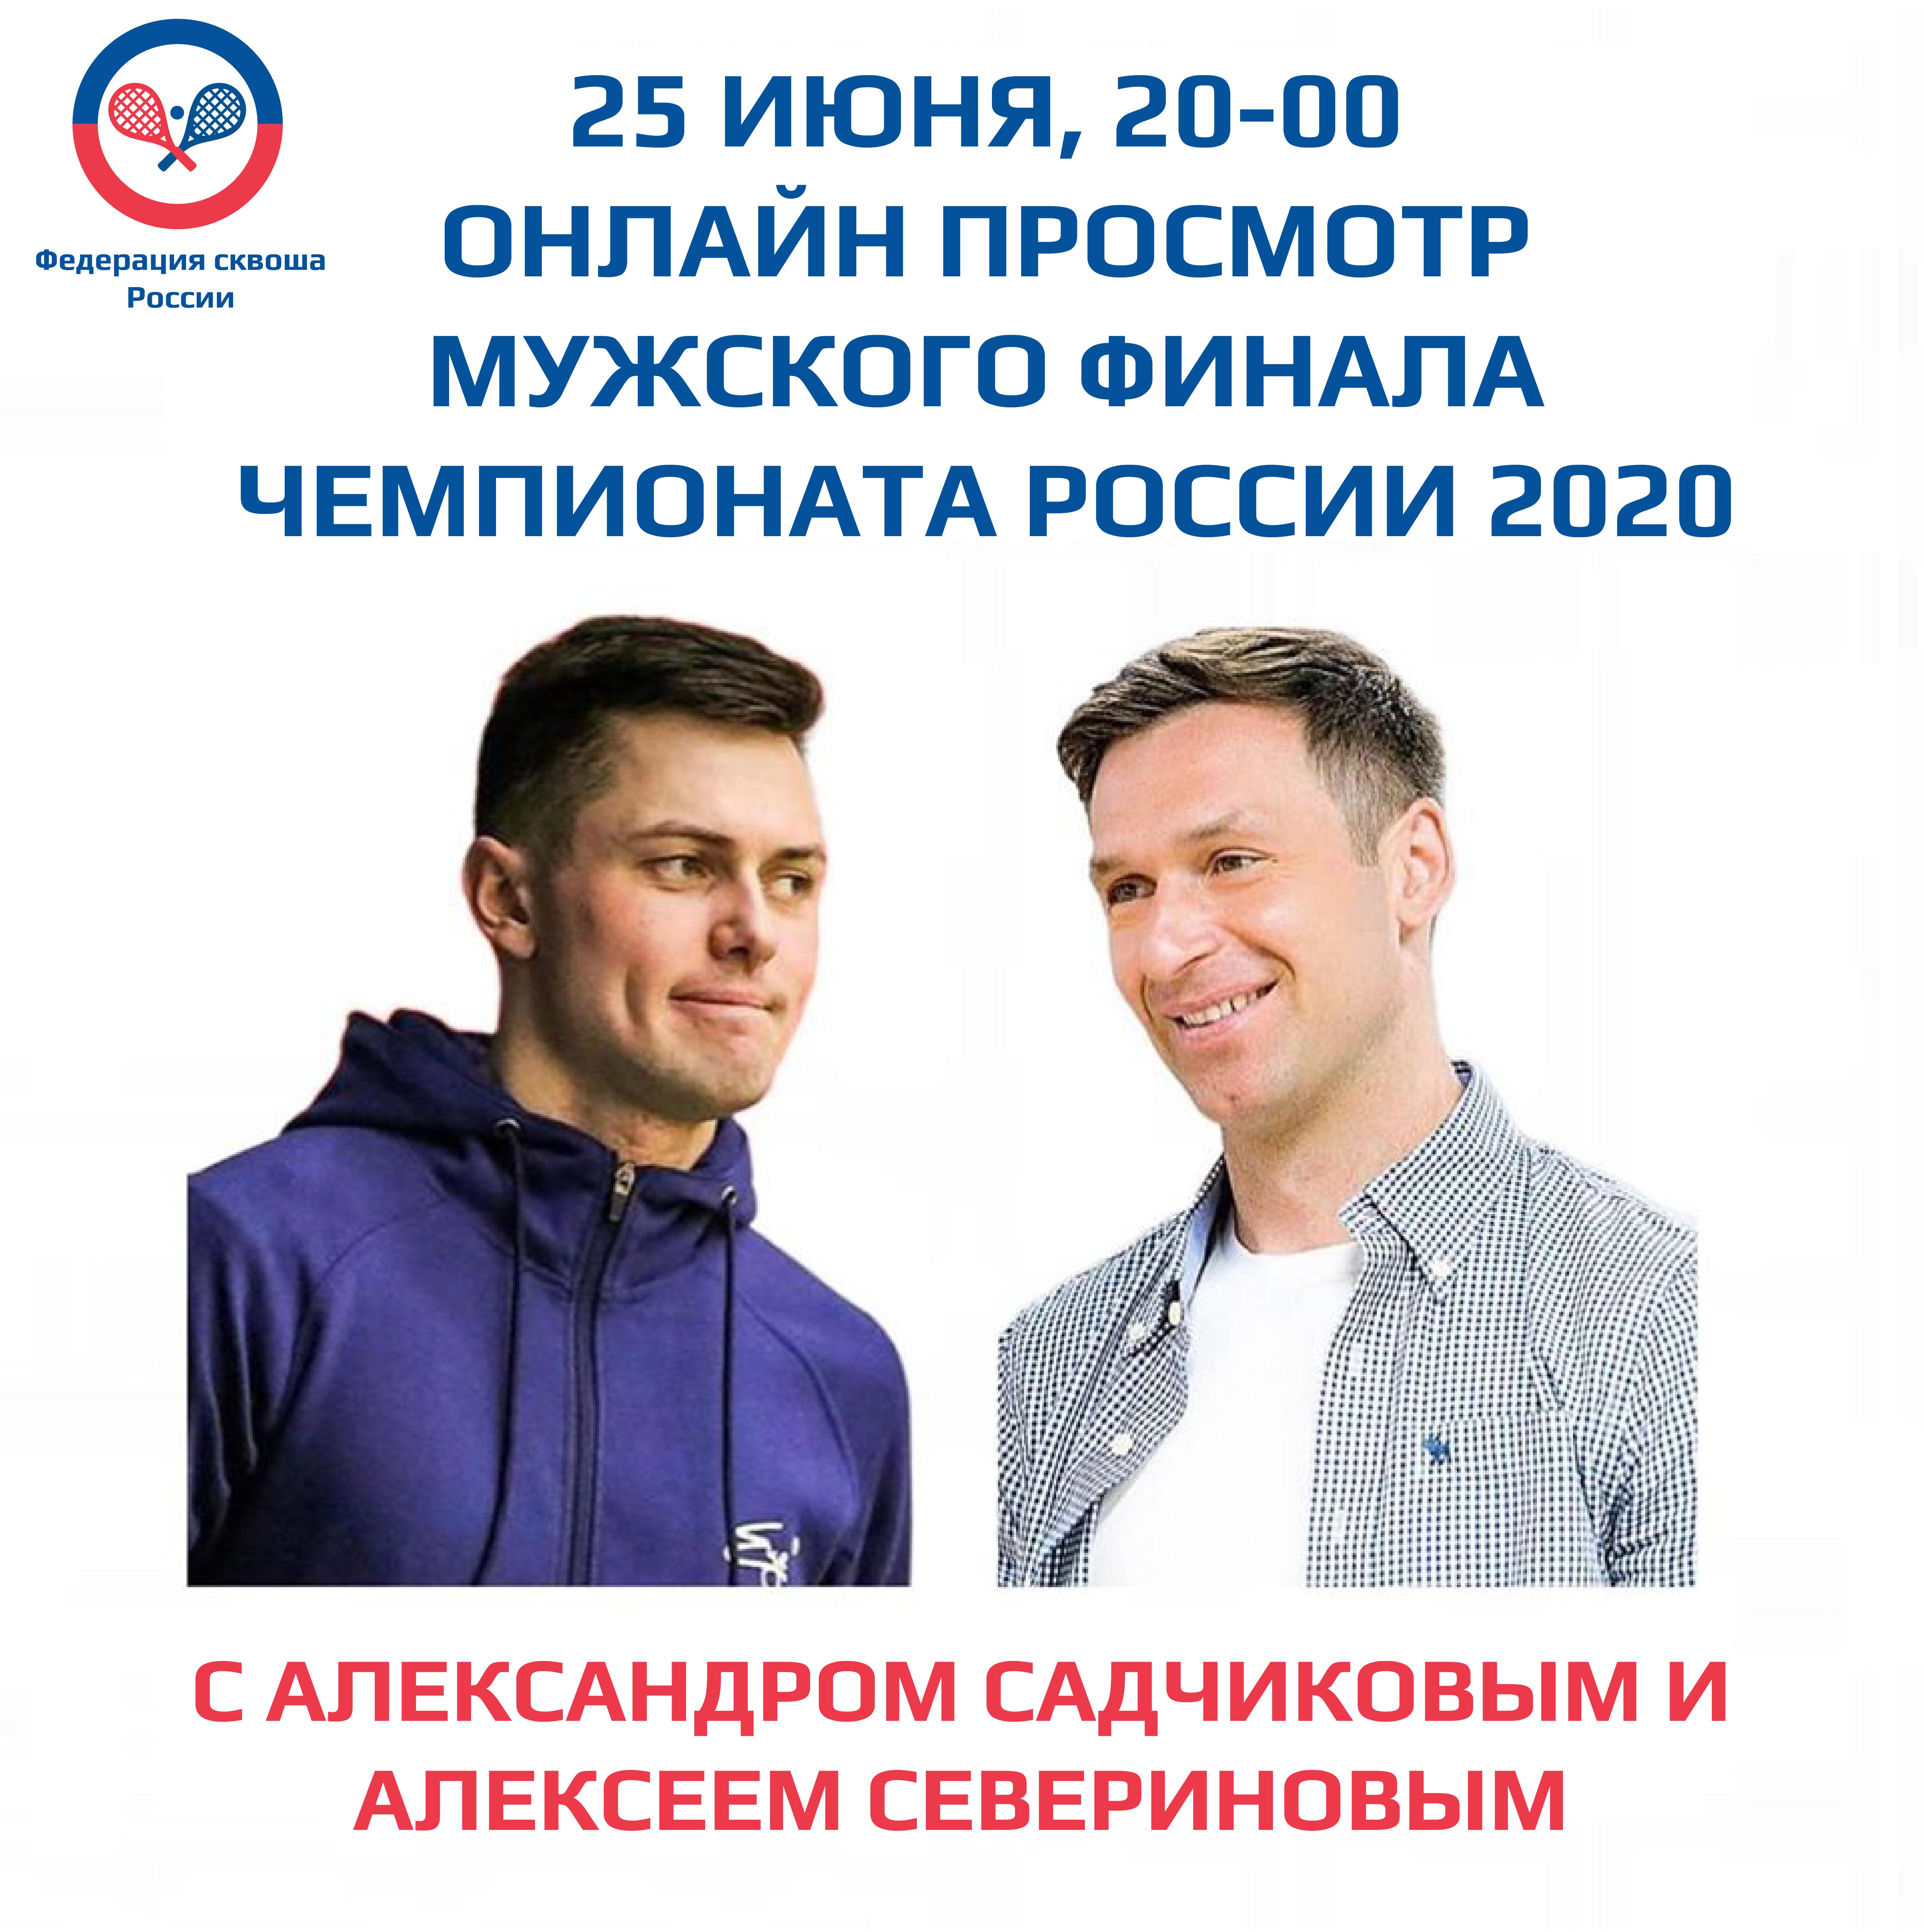 Разработать логотип для Федерации сквоша России фото f_0505f32ee6617ee0.png